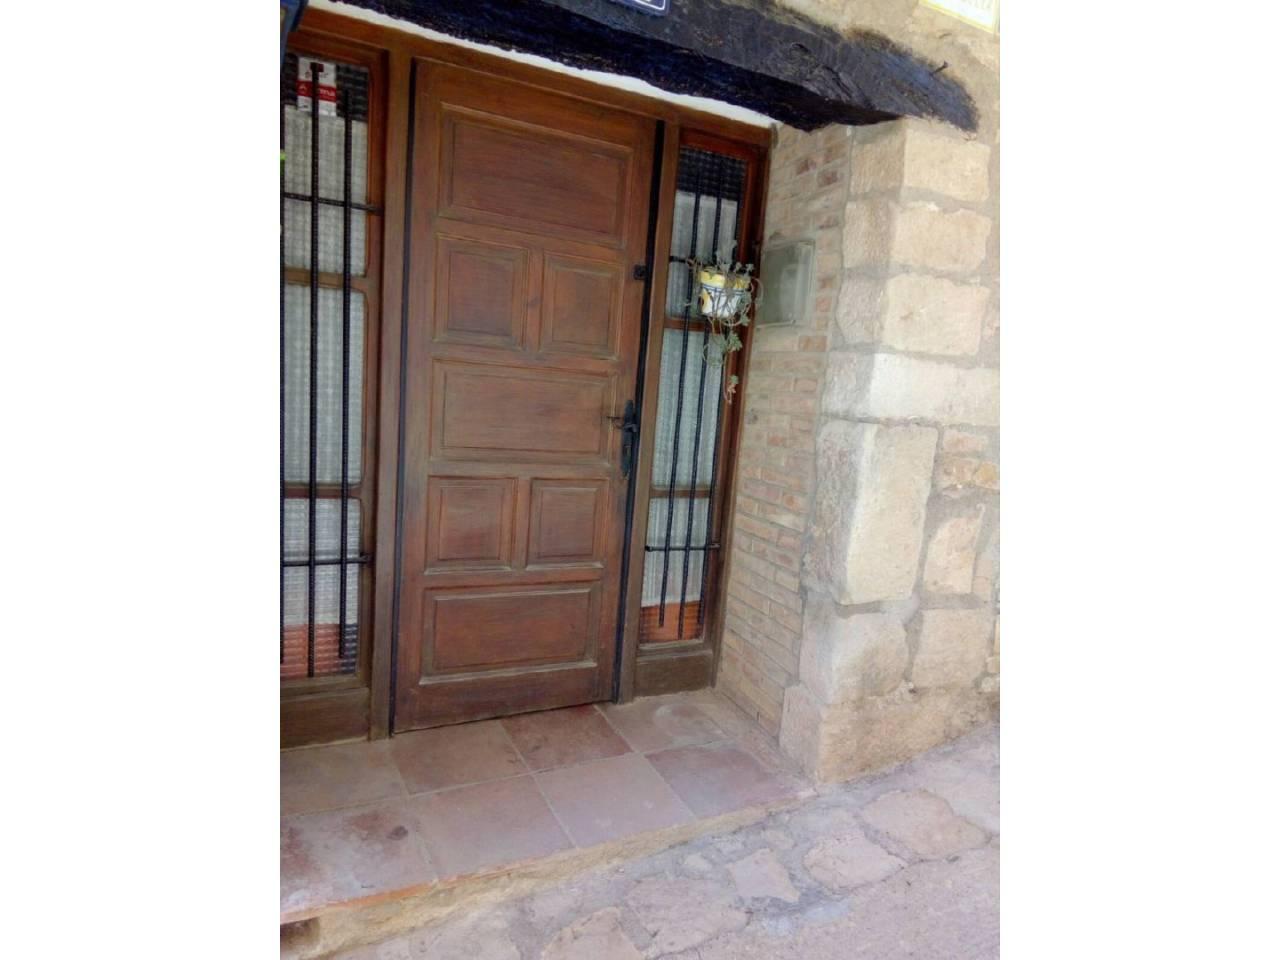 Haus  Calle hospital. Se vende casa  de  3 habitaciones 2 dobles,  1 individual,  1 ba